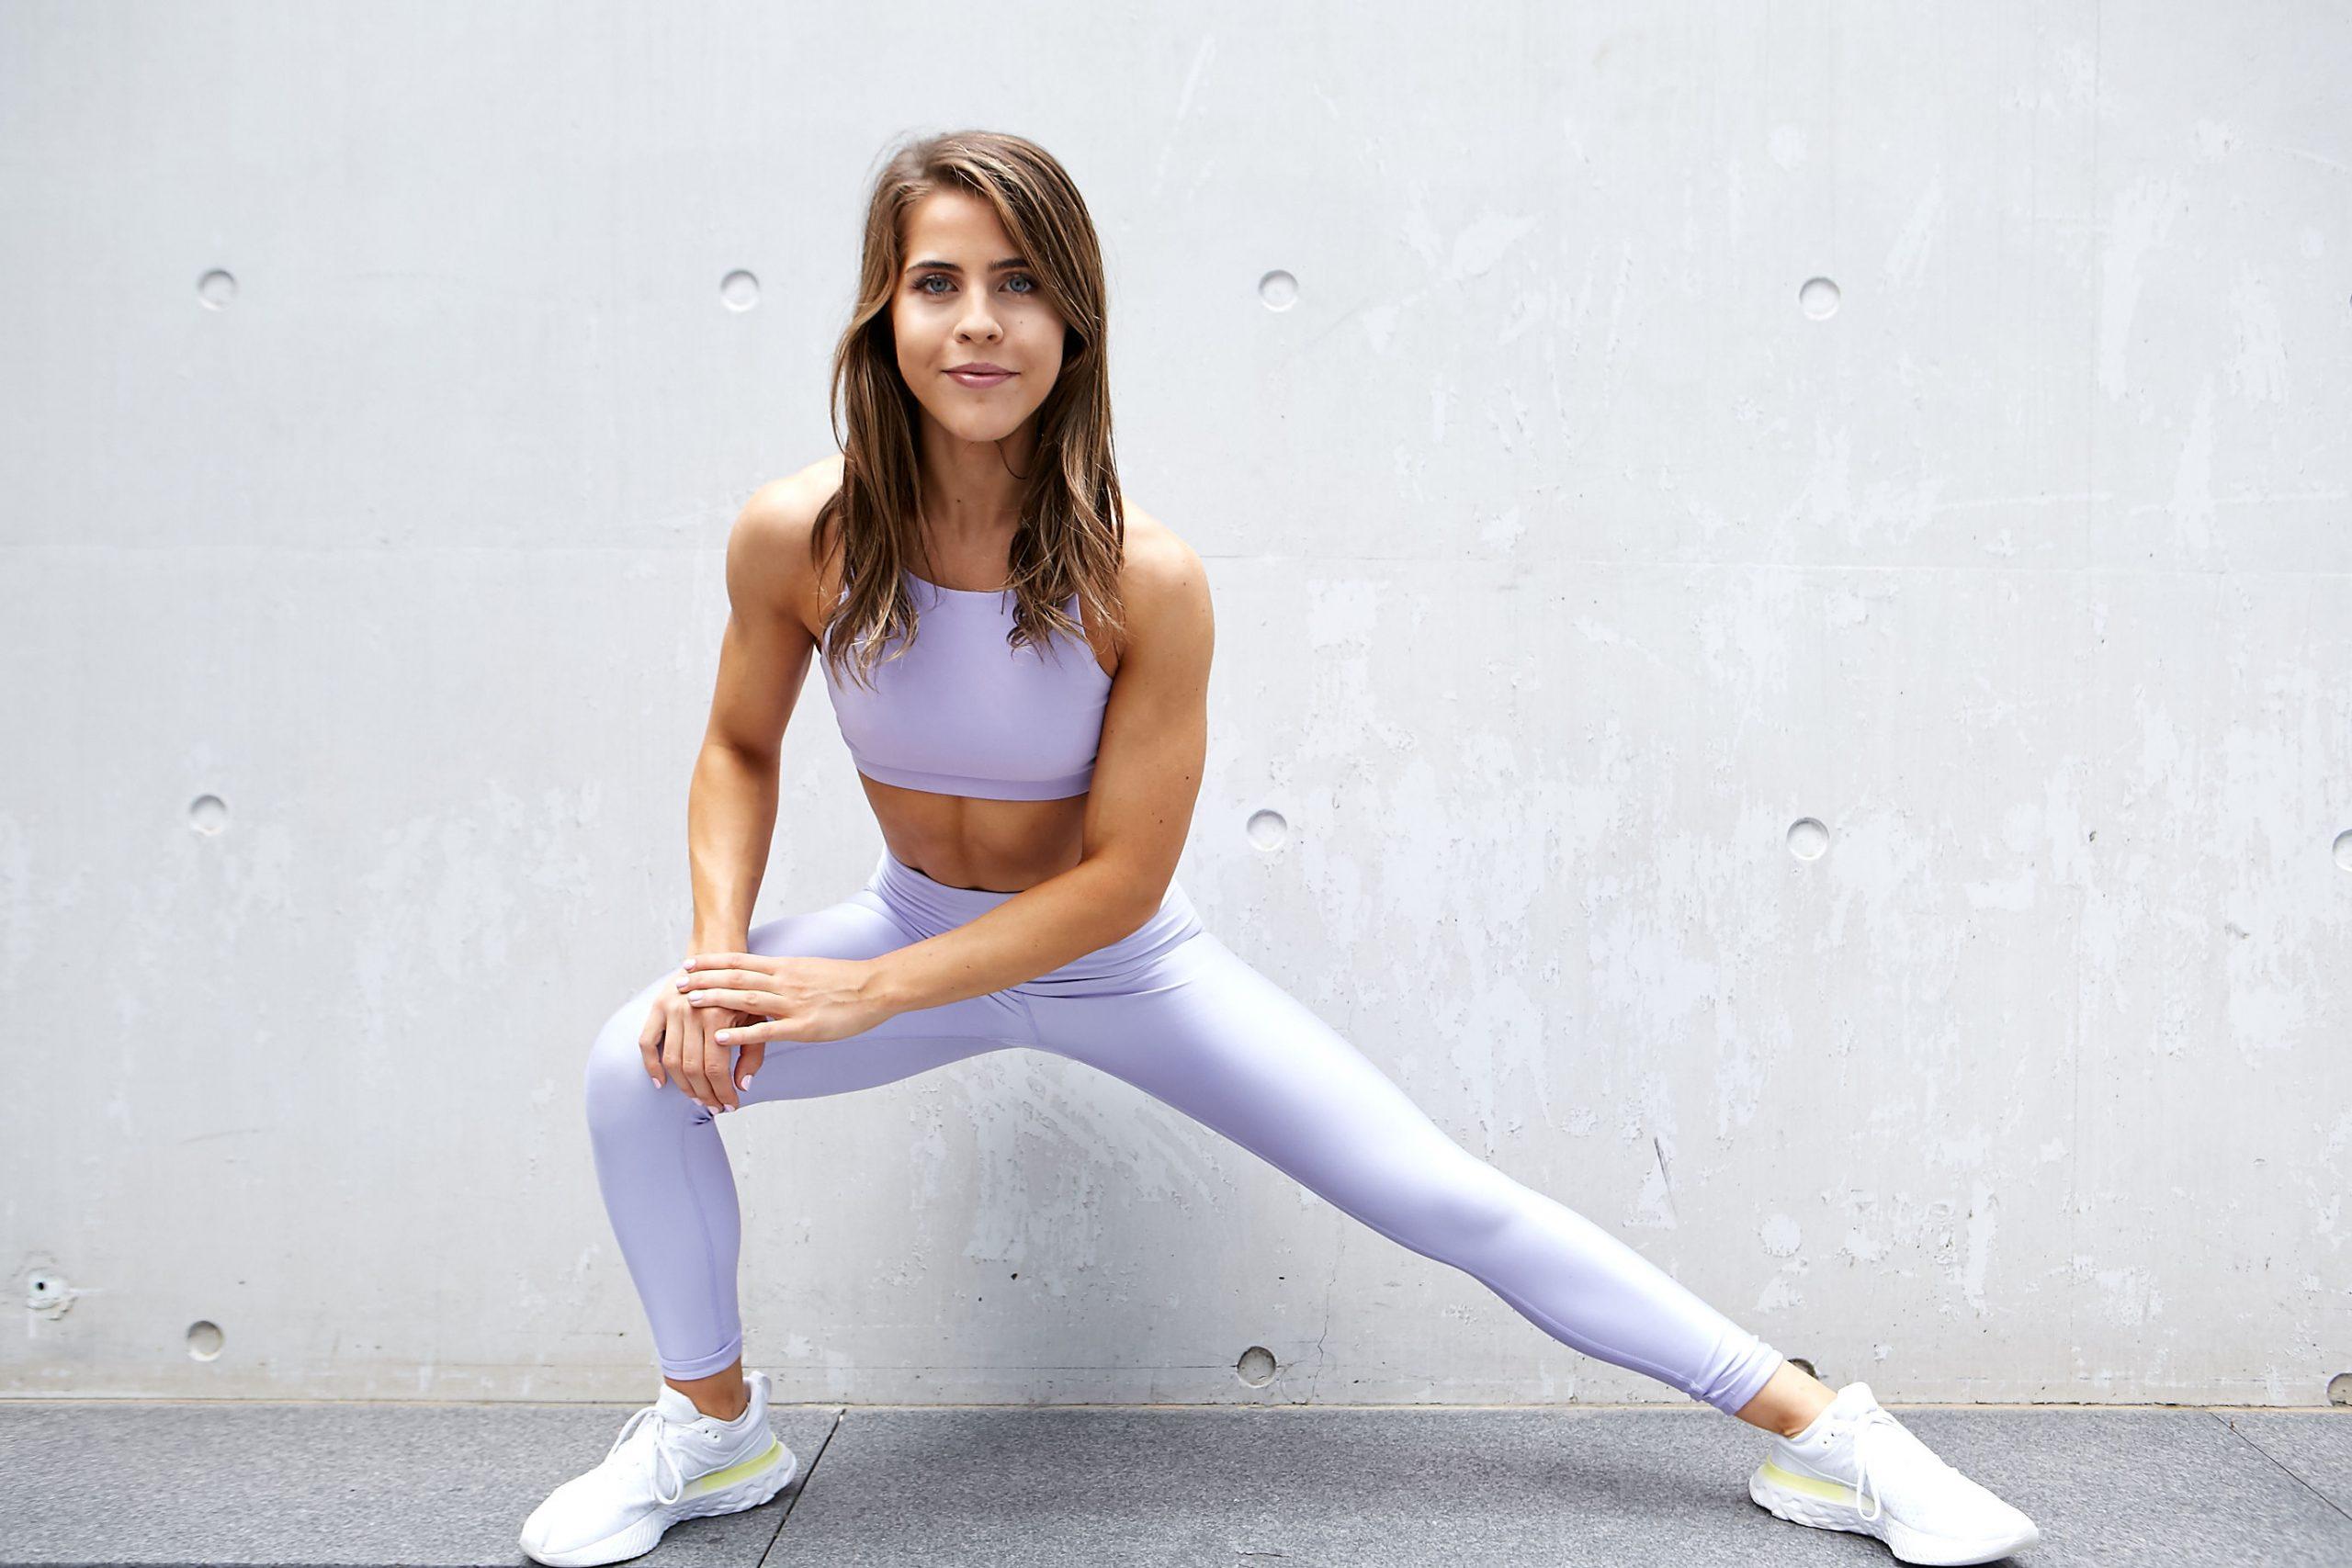 Natasha Sydney female fitness model and athlete nike campaing commercial scaled